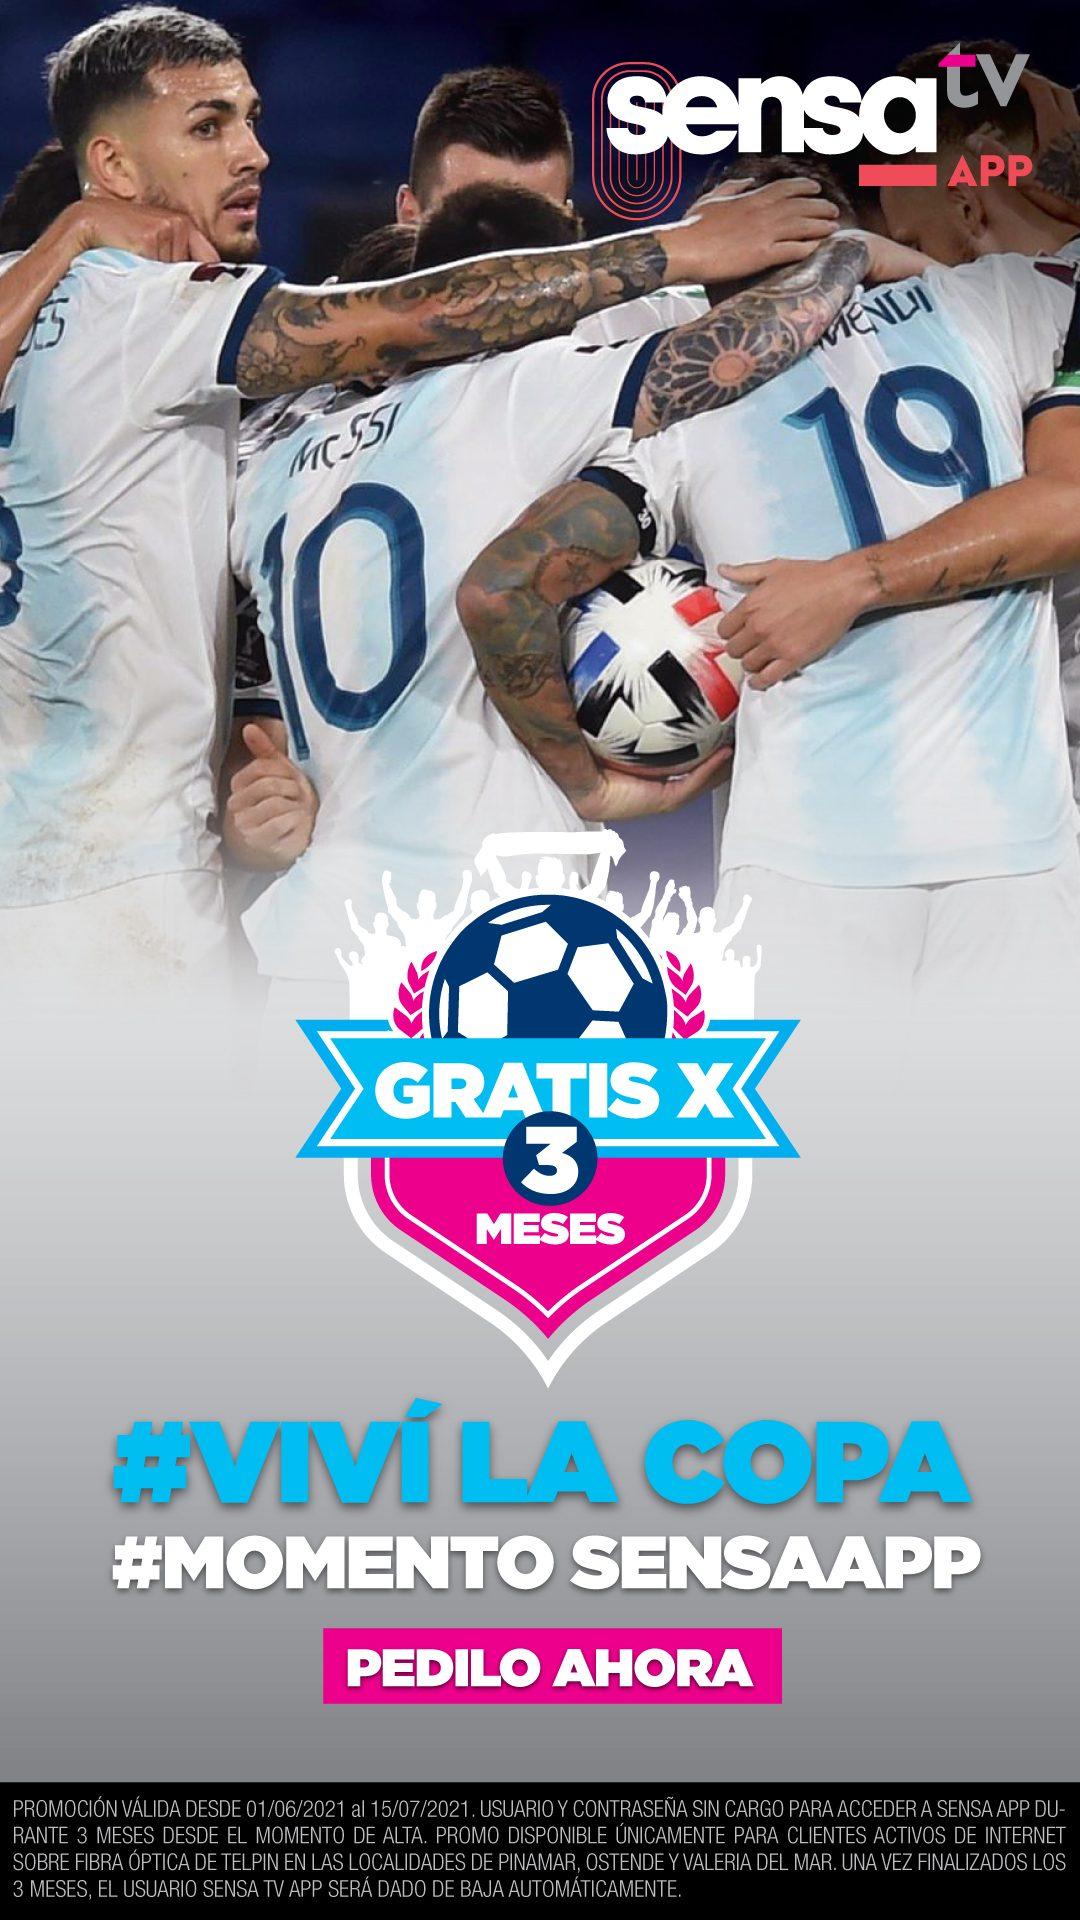 Telpin Promo Copa América